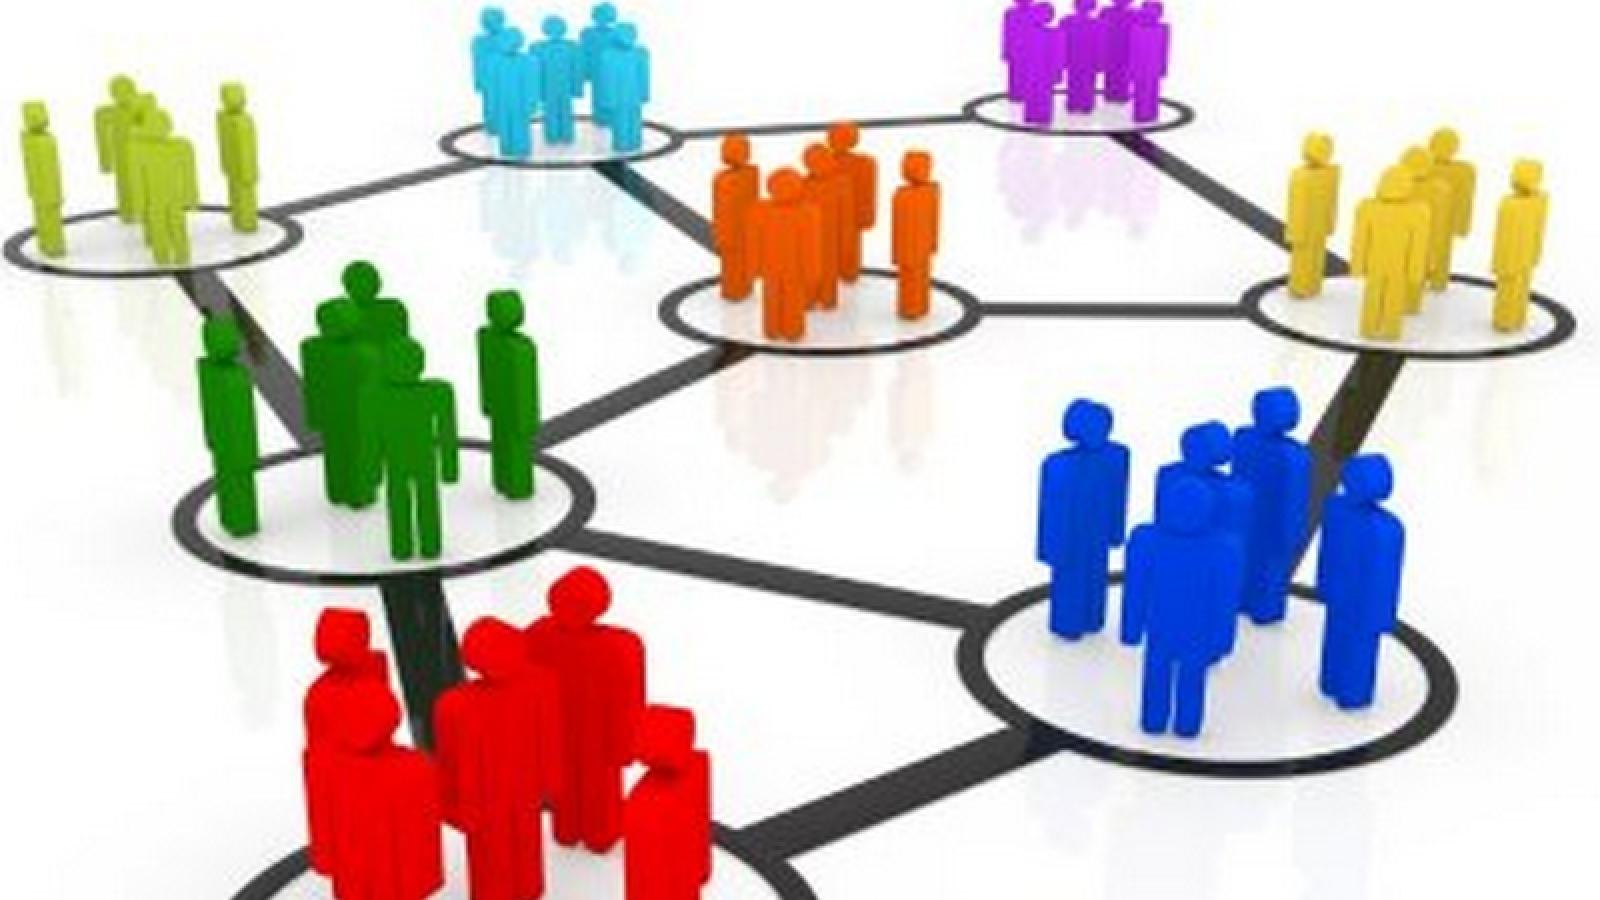 """Quy định về quan hệ liên kết theo vốn vay có làm doanh nghiệp """"mắc cạn""""?"""